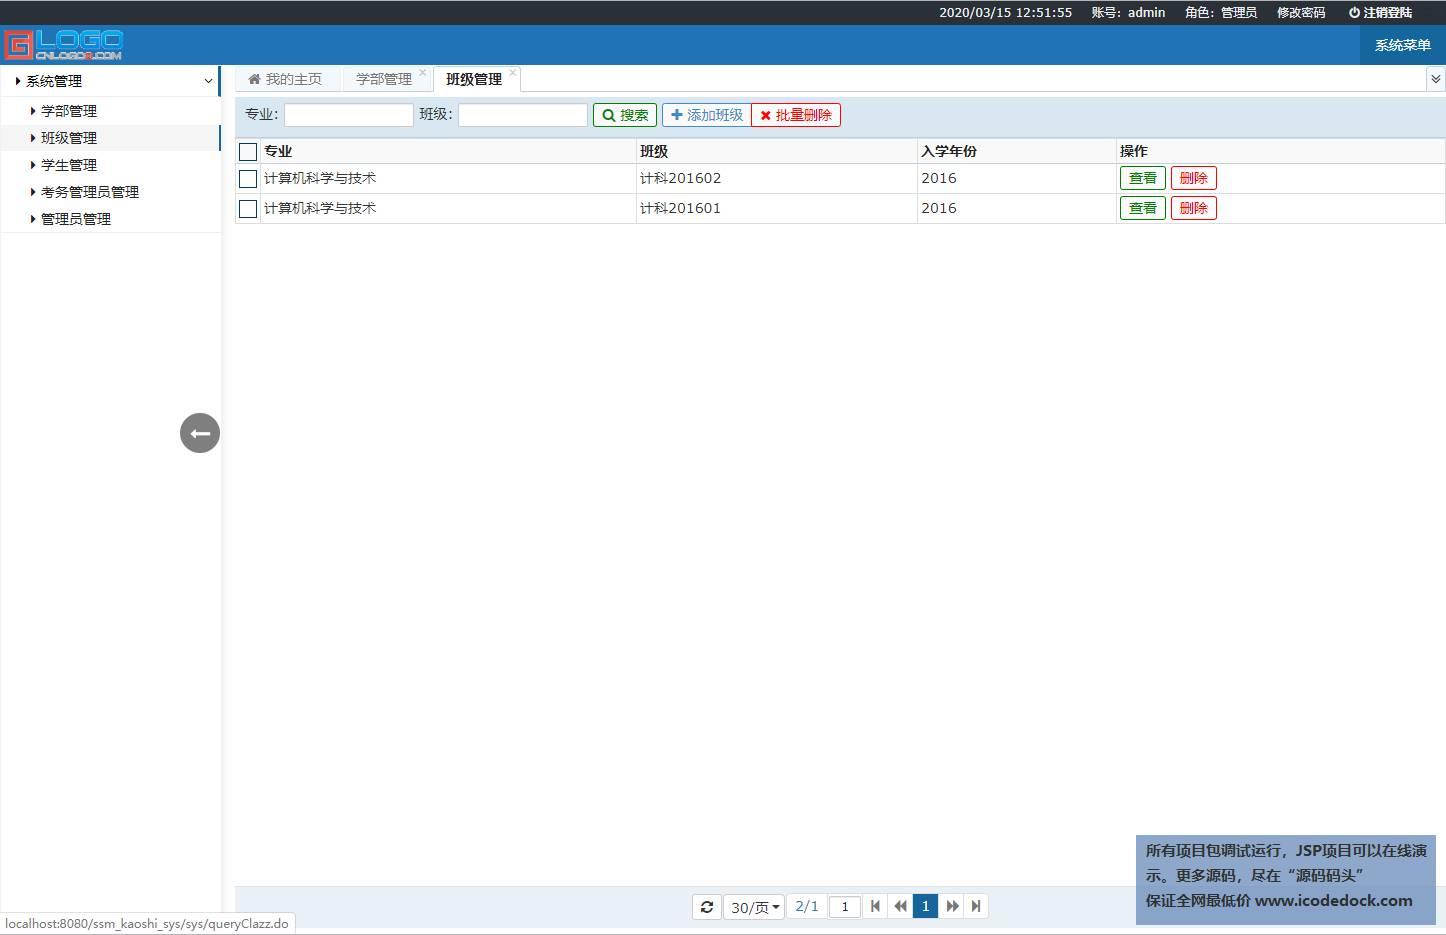 源码码头-SSM考试在线报名管理系统-管理员角色-班级管理